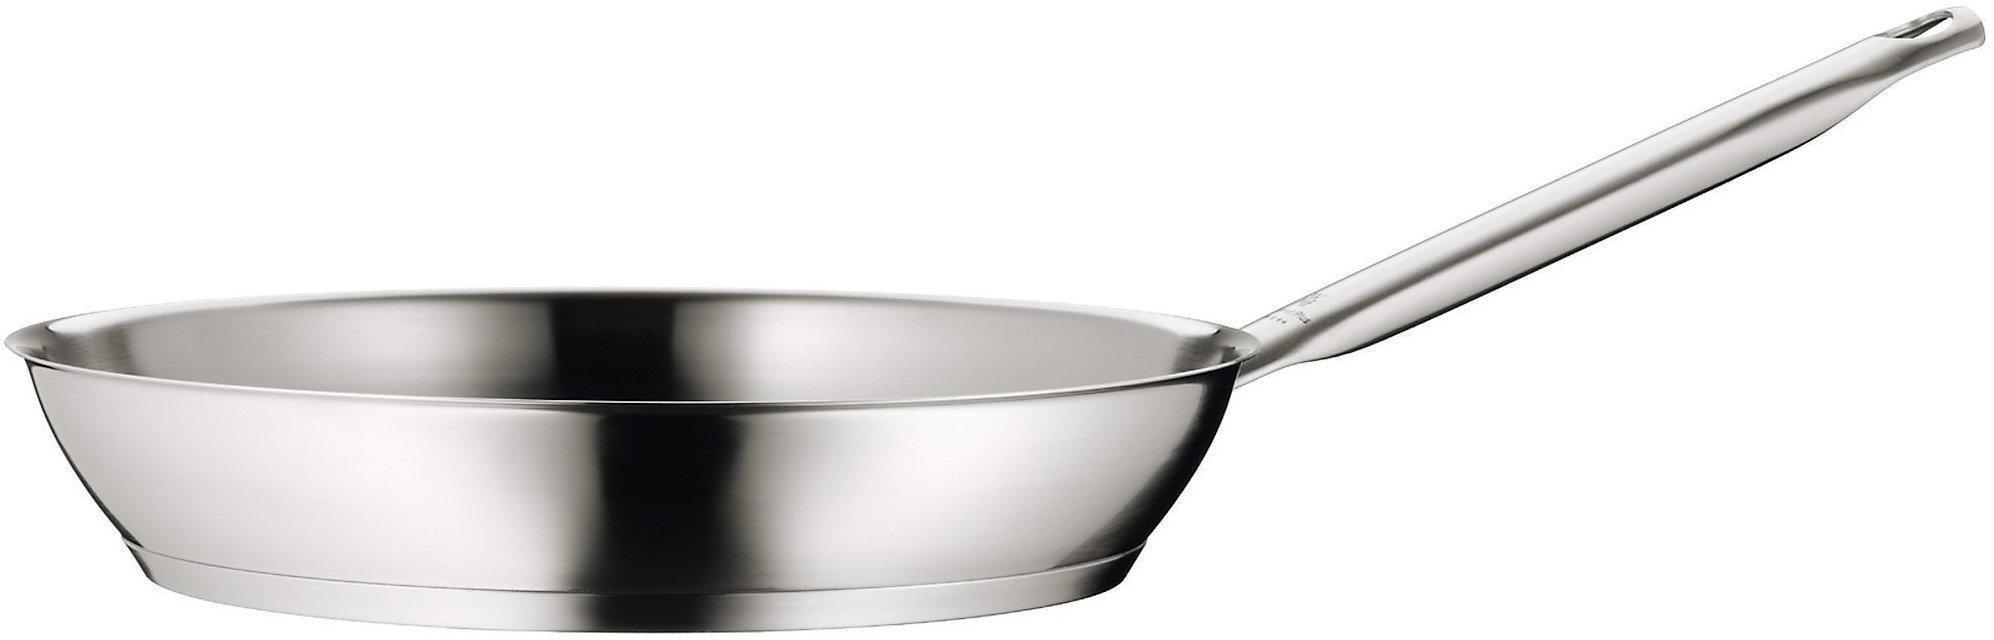 Wmf Gourmet Plus Pfanne 28 Cm Test Experten Bewerten